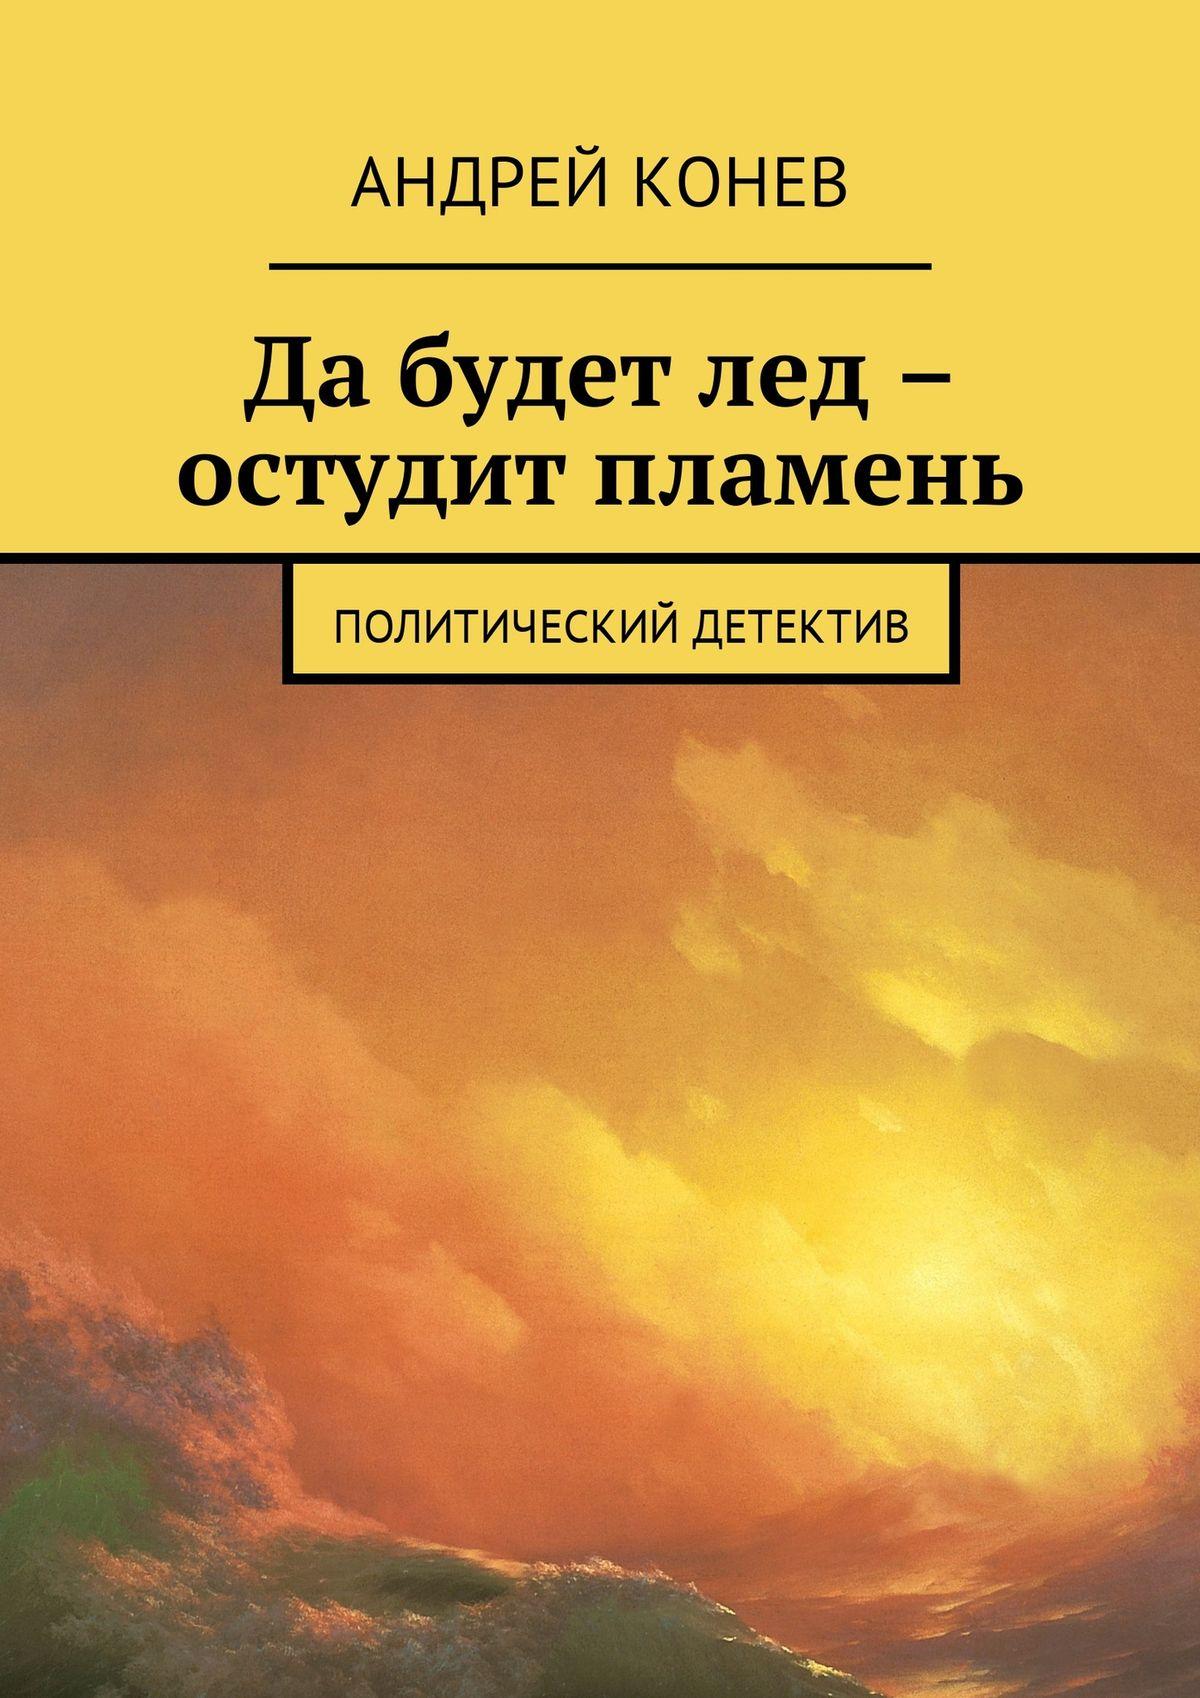 цена на Андрей Юрьевич Конев Да будет лед – остудит пламень. Политический детектив